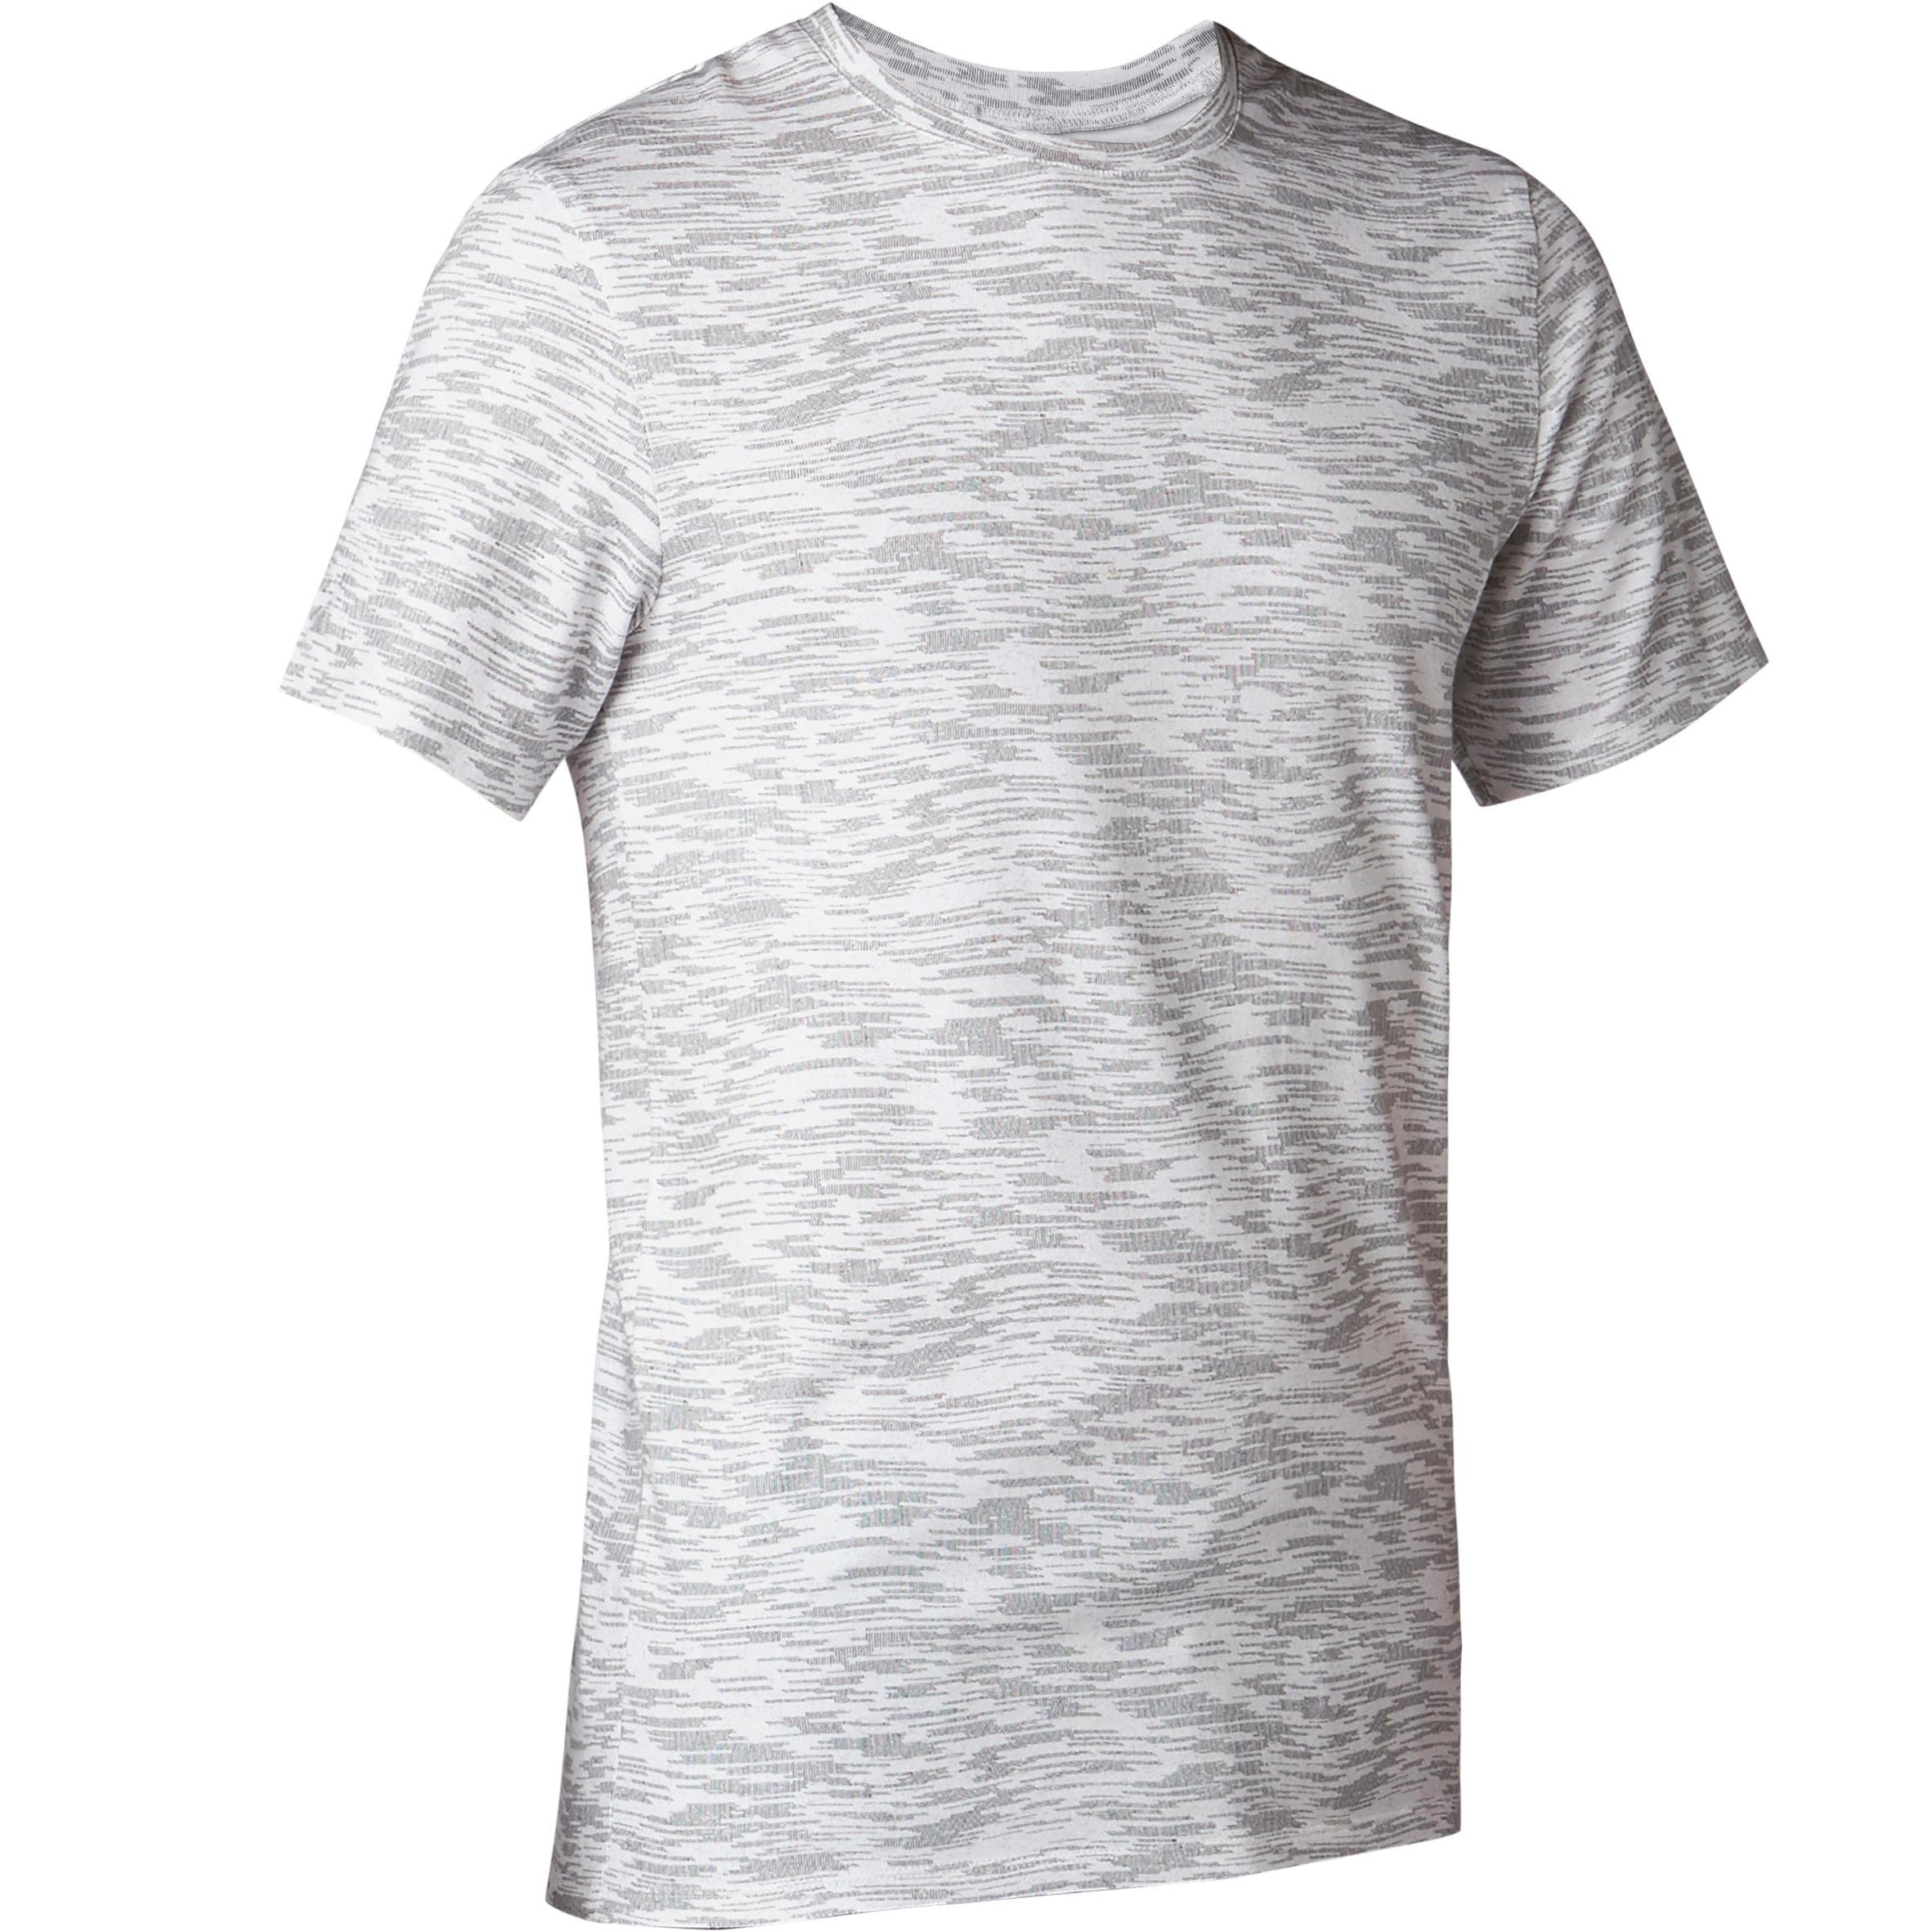 T-Shirt 500 Slim Pilates sanfte Gymnastik Herren weiß mit Print | Sportbekleidung > Sportshirts > Poloshirts | Weiß | Domyos